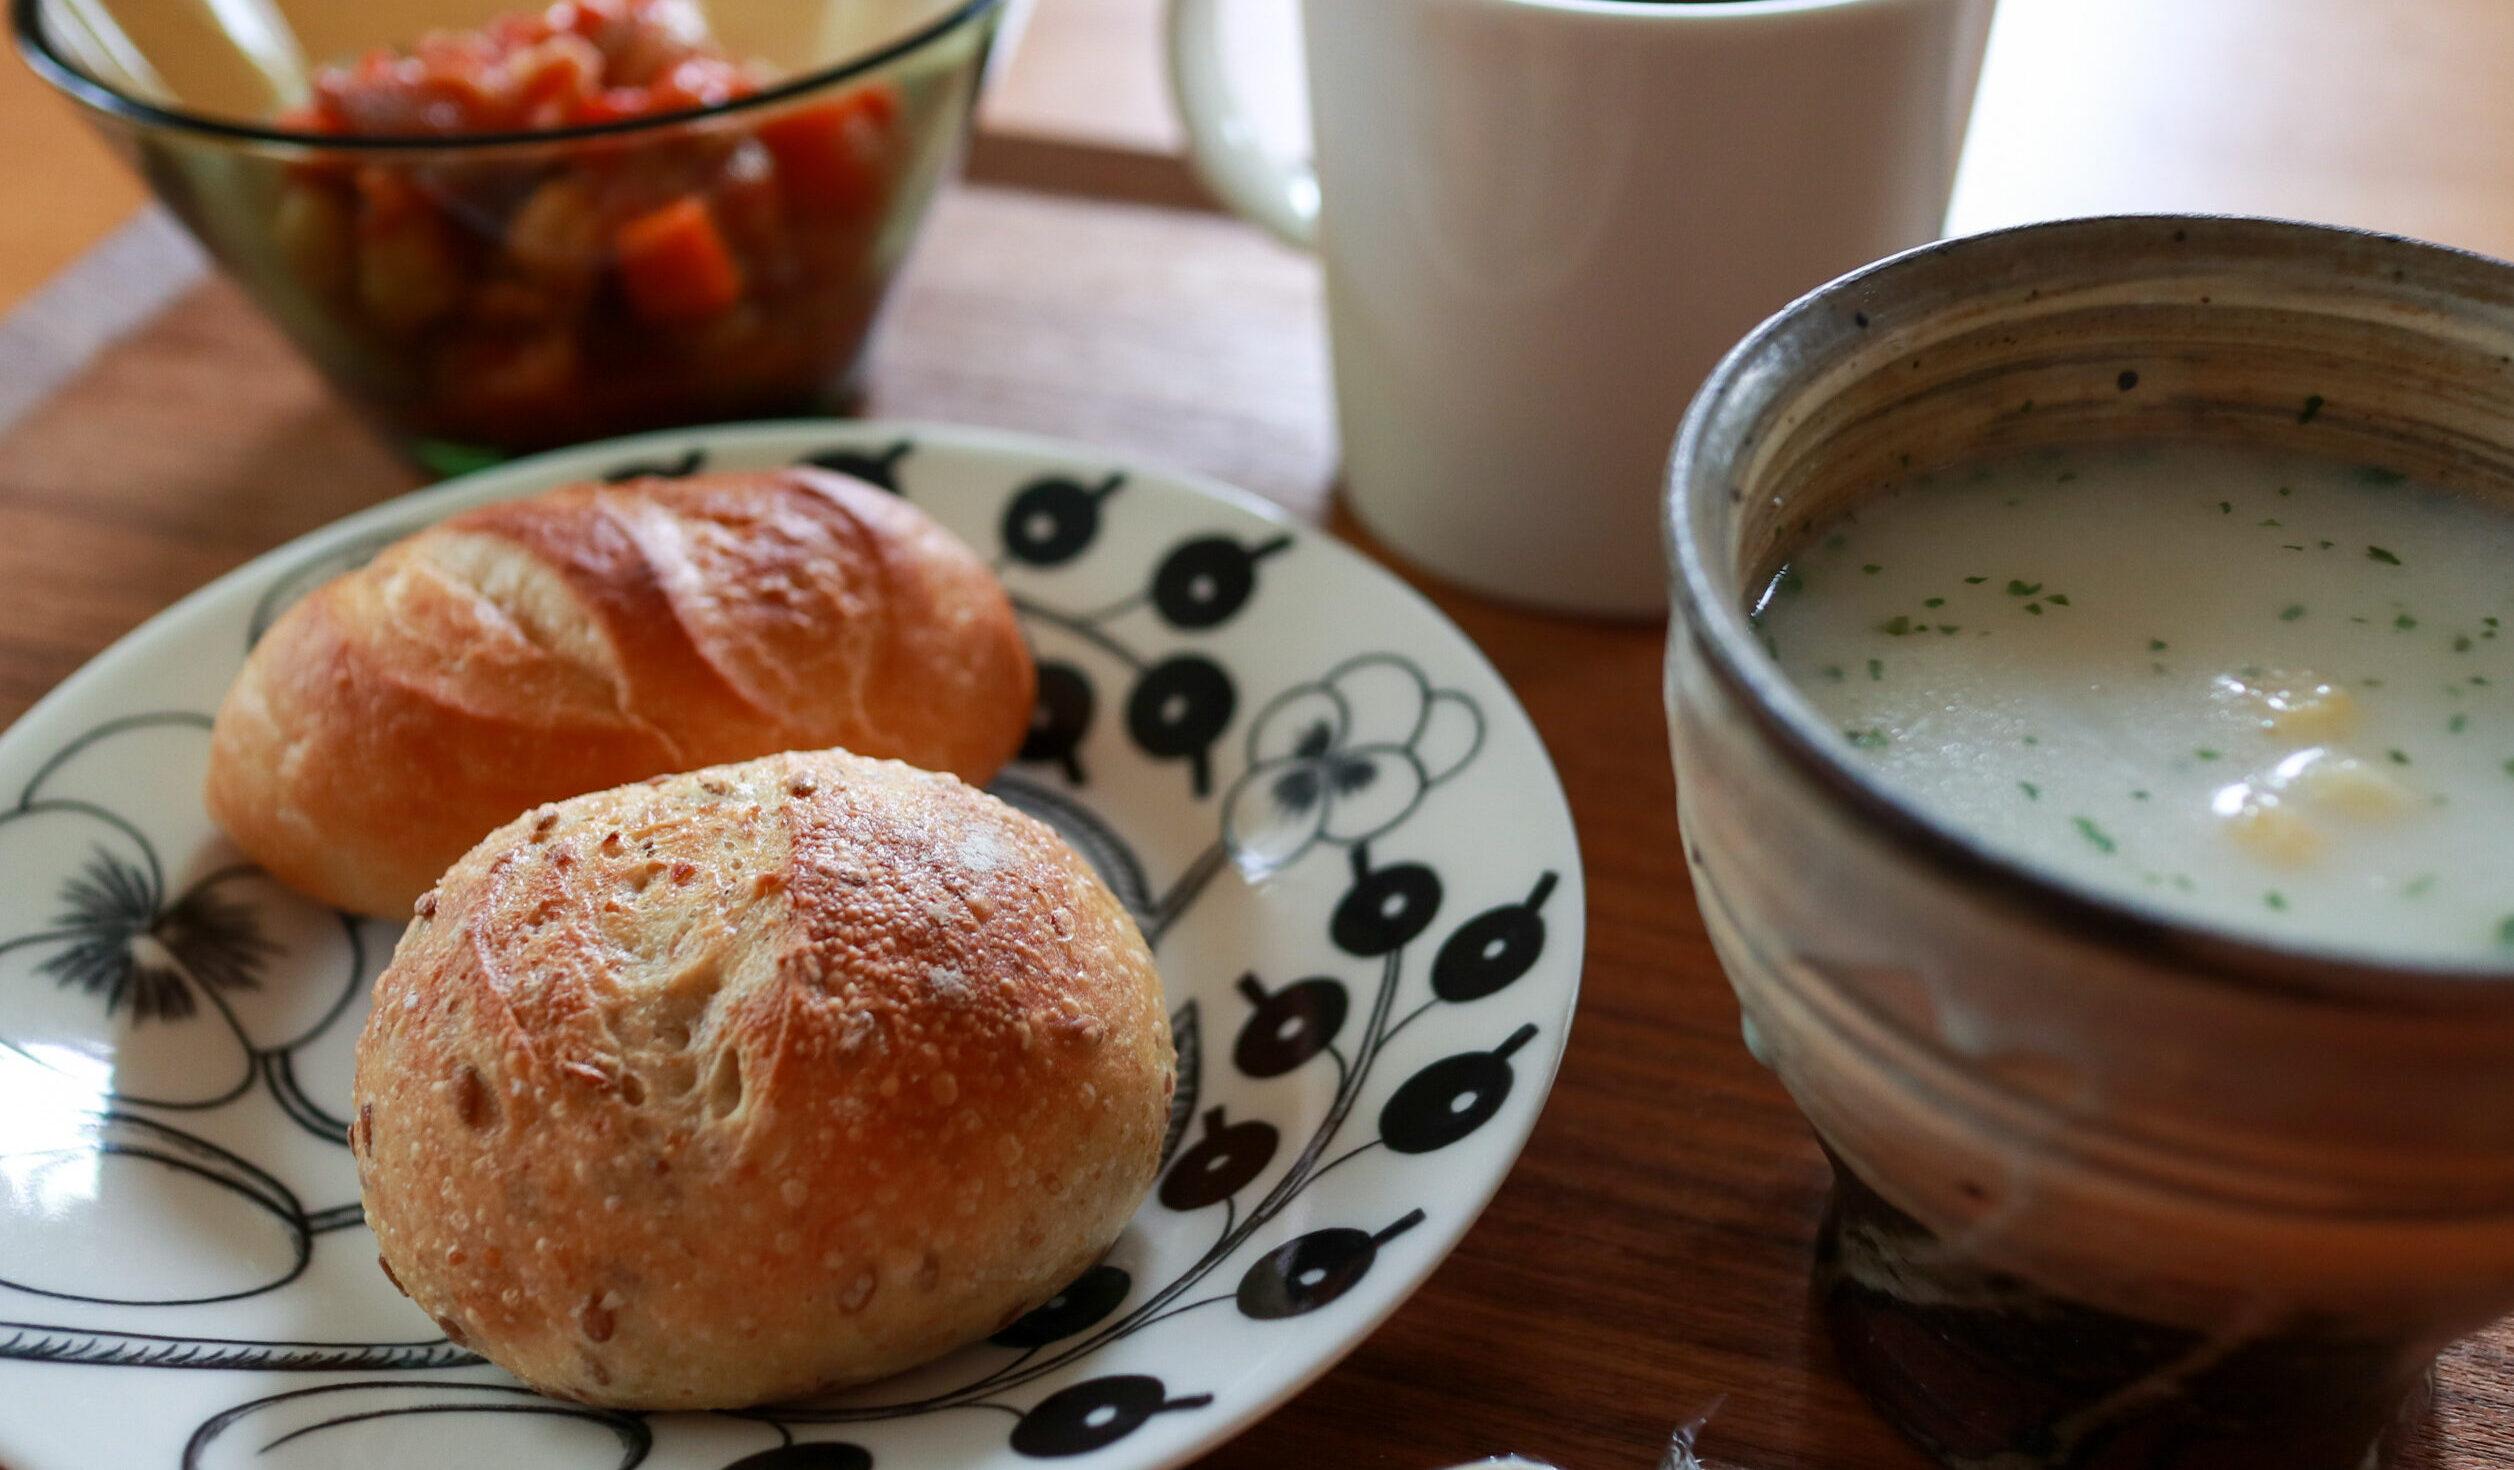 【ご提供いただきました】まるで焼き立て!な冷凍パン「Pan&(パンド)」は、シンプル&ミニマルライフの朝食にぴったり